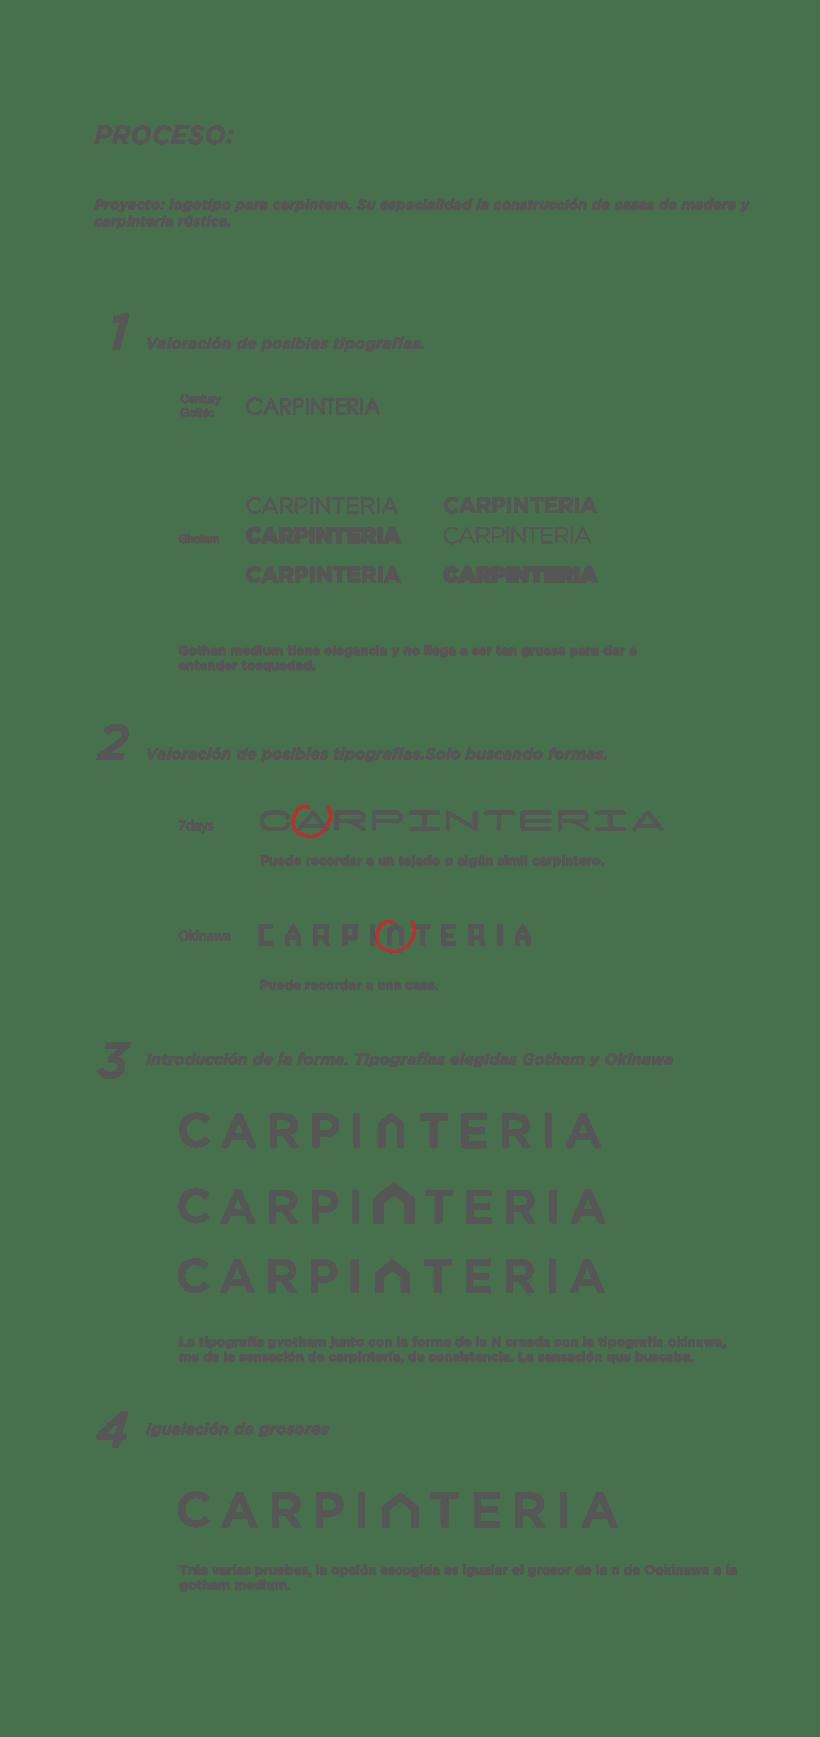 Carpinteria 0